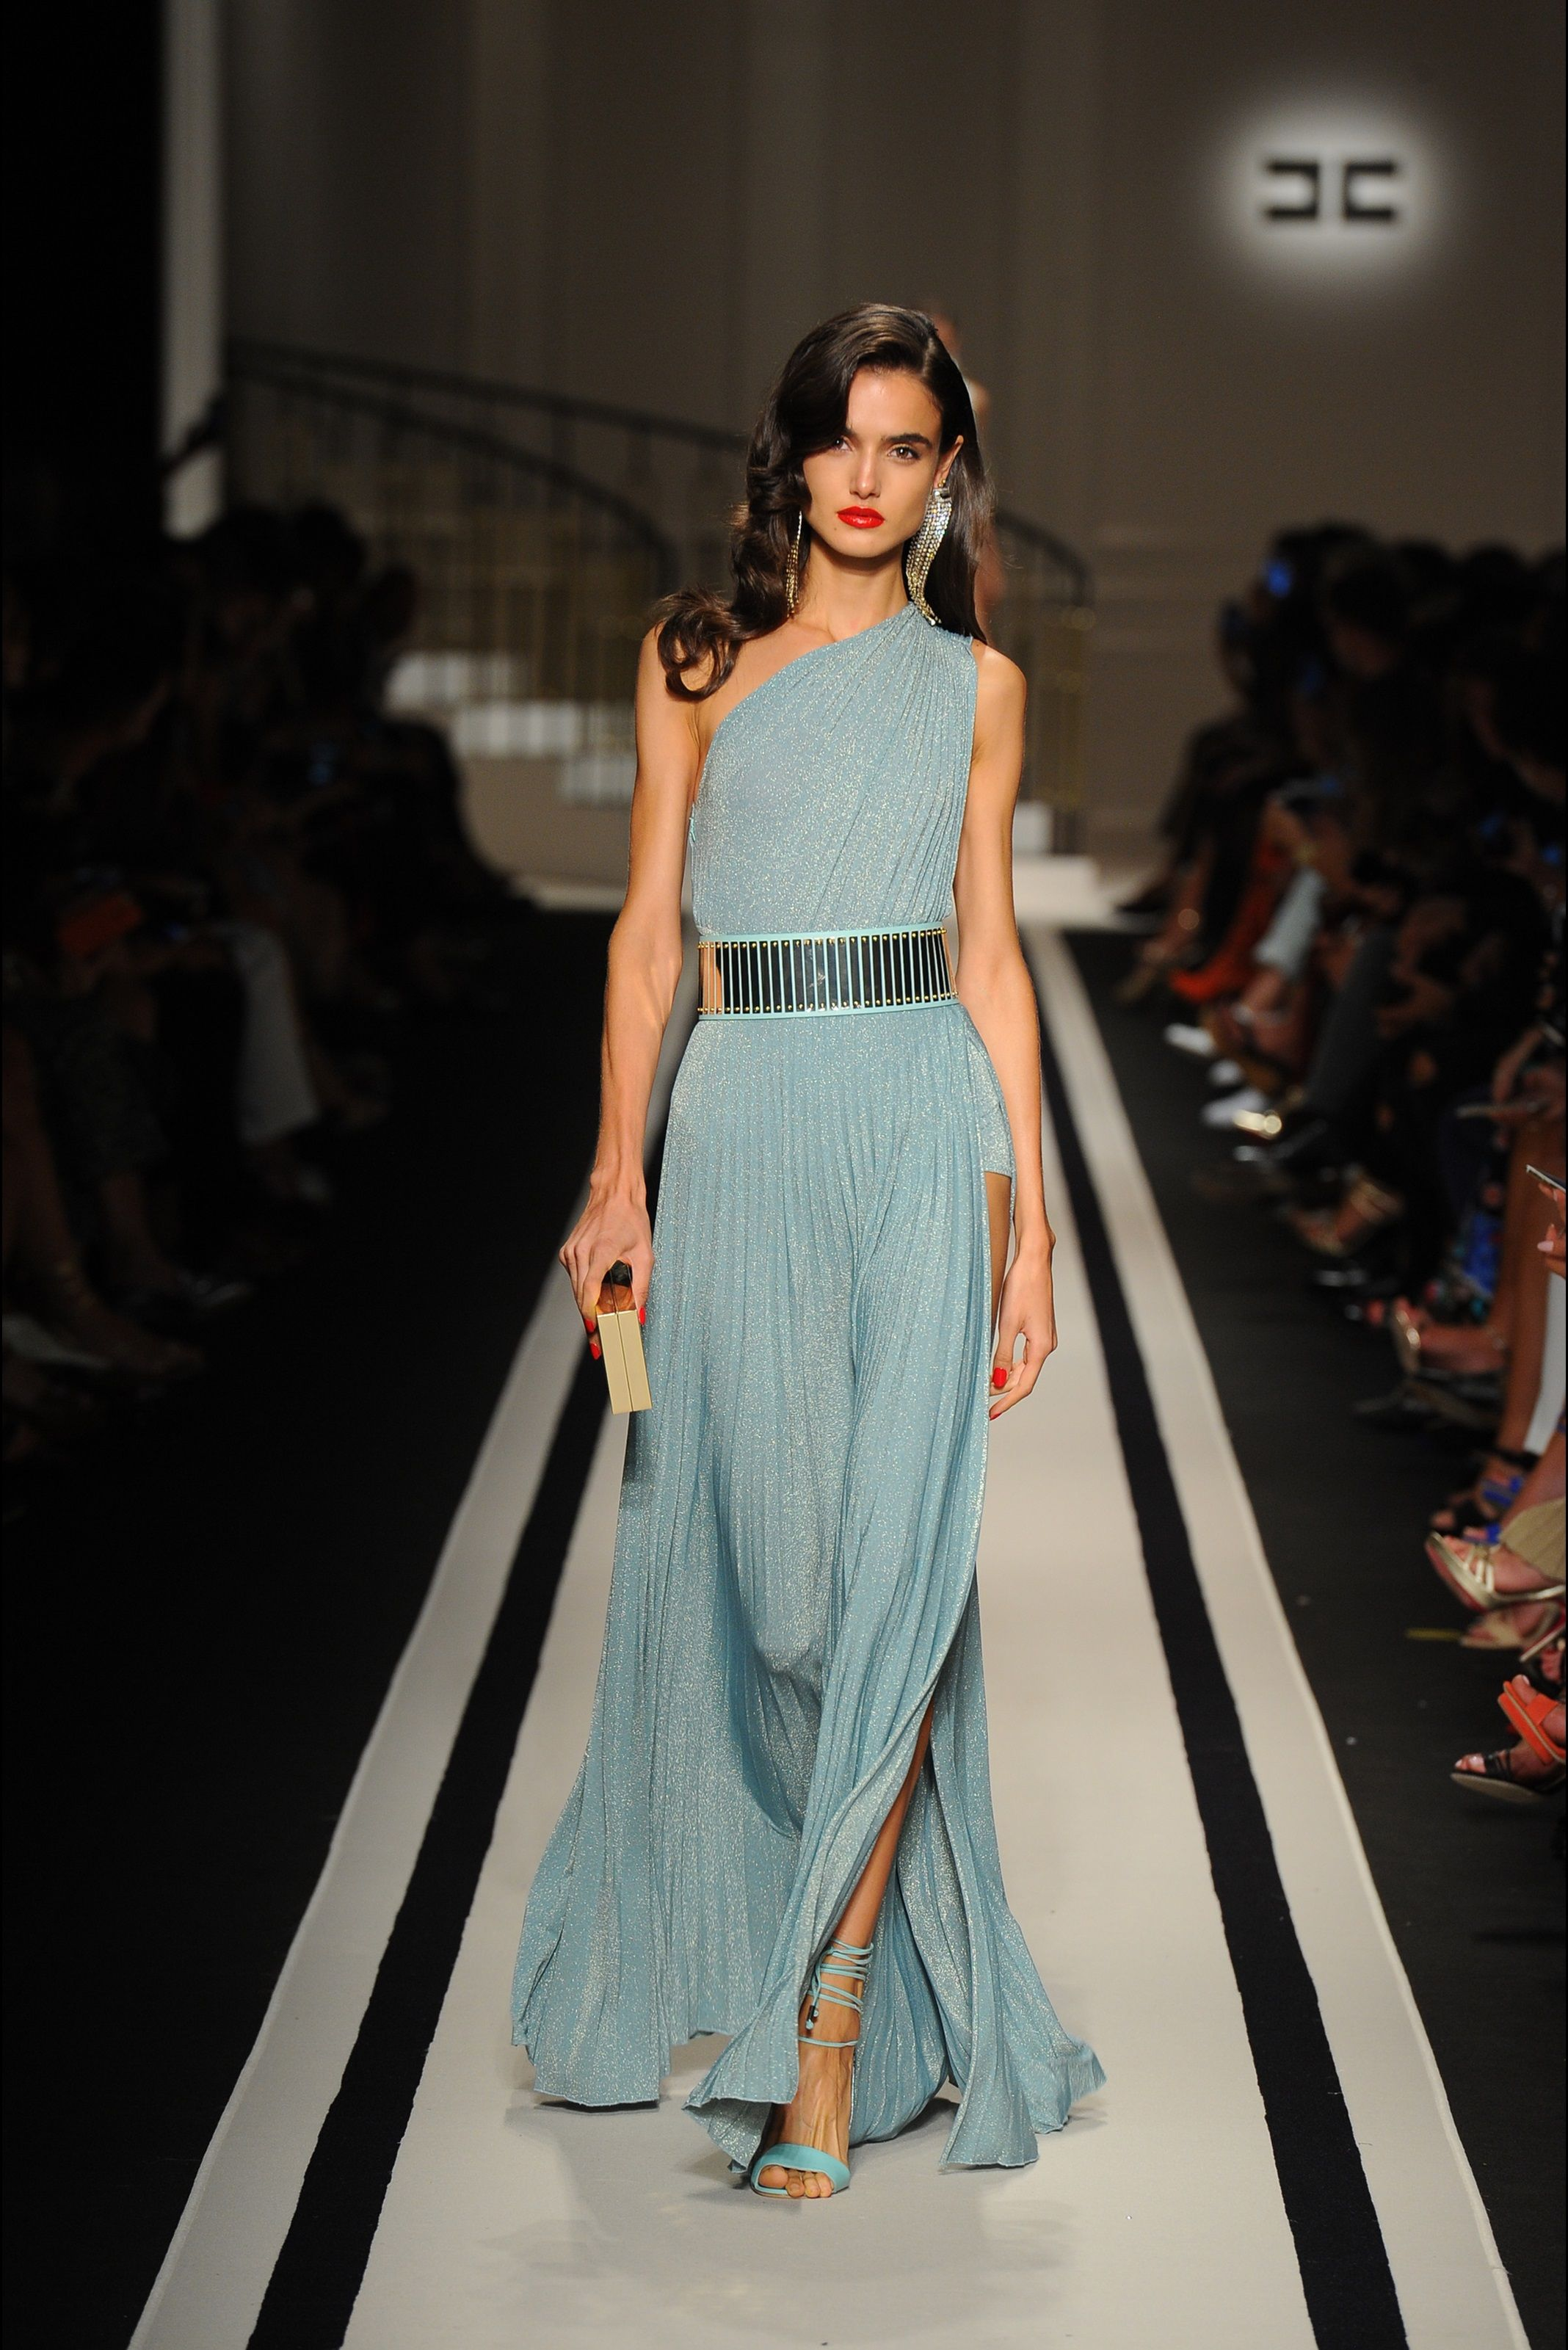 Guarda la sfilata di moda Elisabetta Franchi a Milano e scopri la  collezione di abiti e accessori per la stagione Collezioni Primavera Estate  2017. 83eb93e53c2